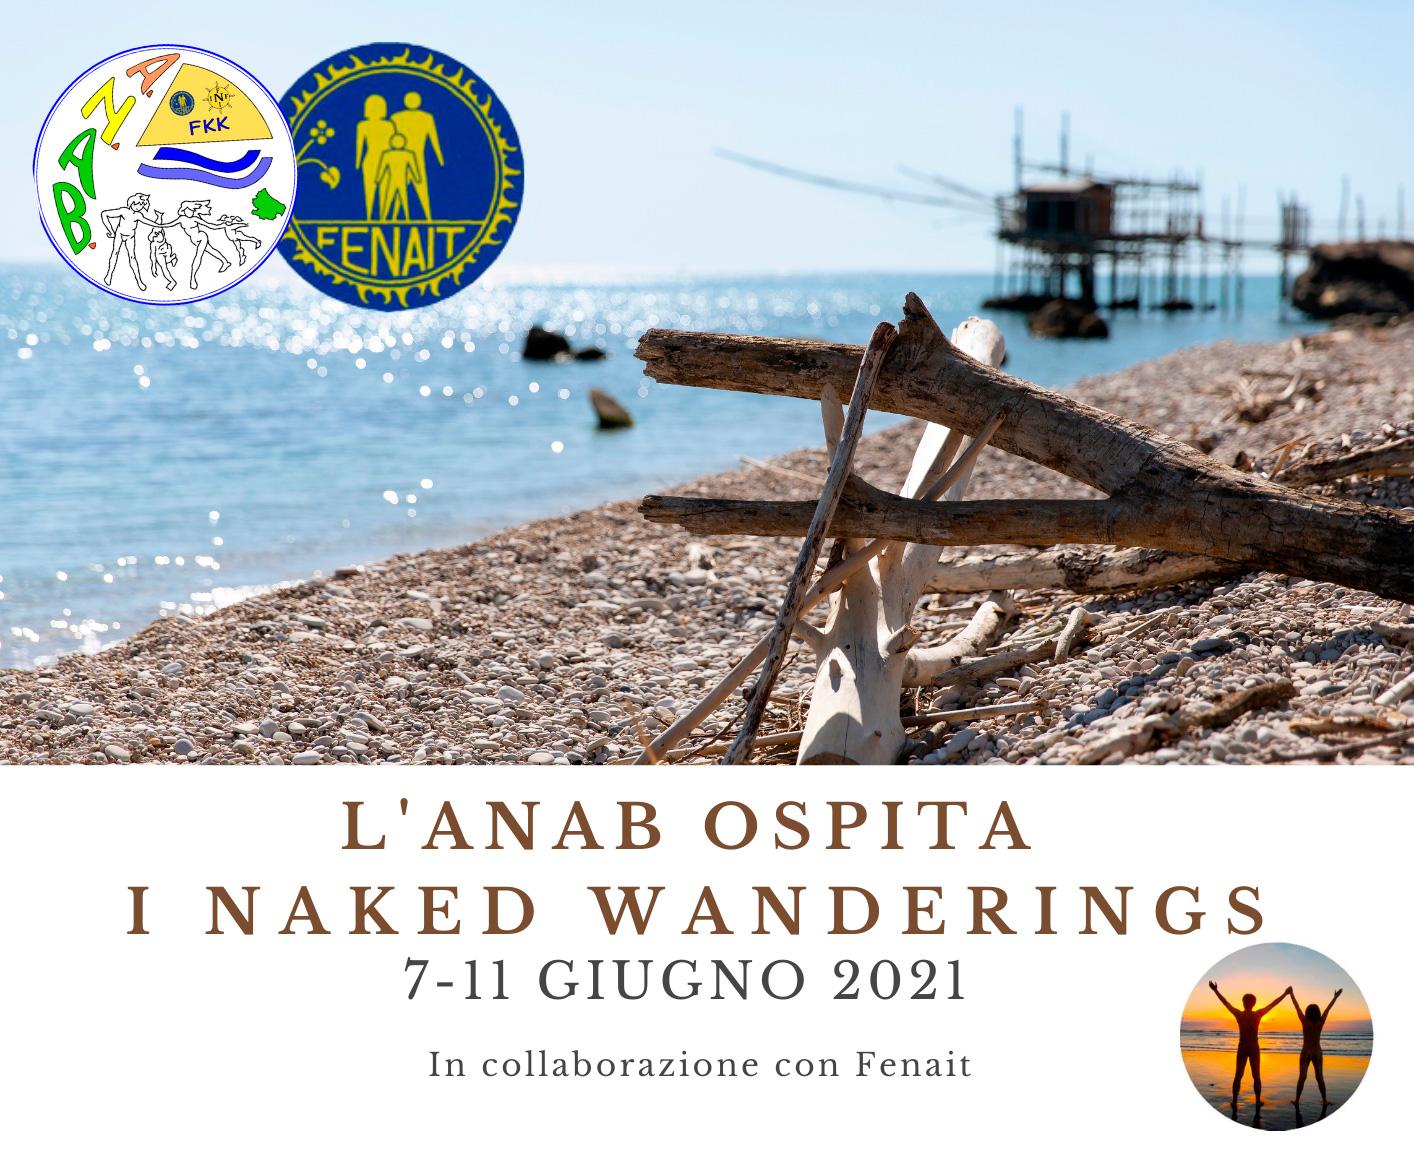 Naked Wanderings - Tappa in Abruzzo - 7 | 11 giugno 2021 - AbruzzoNaturista